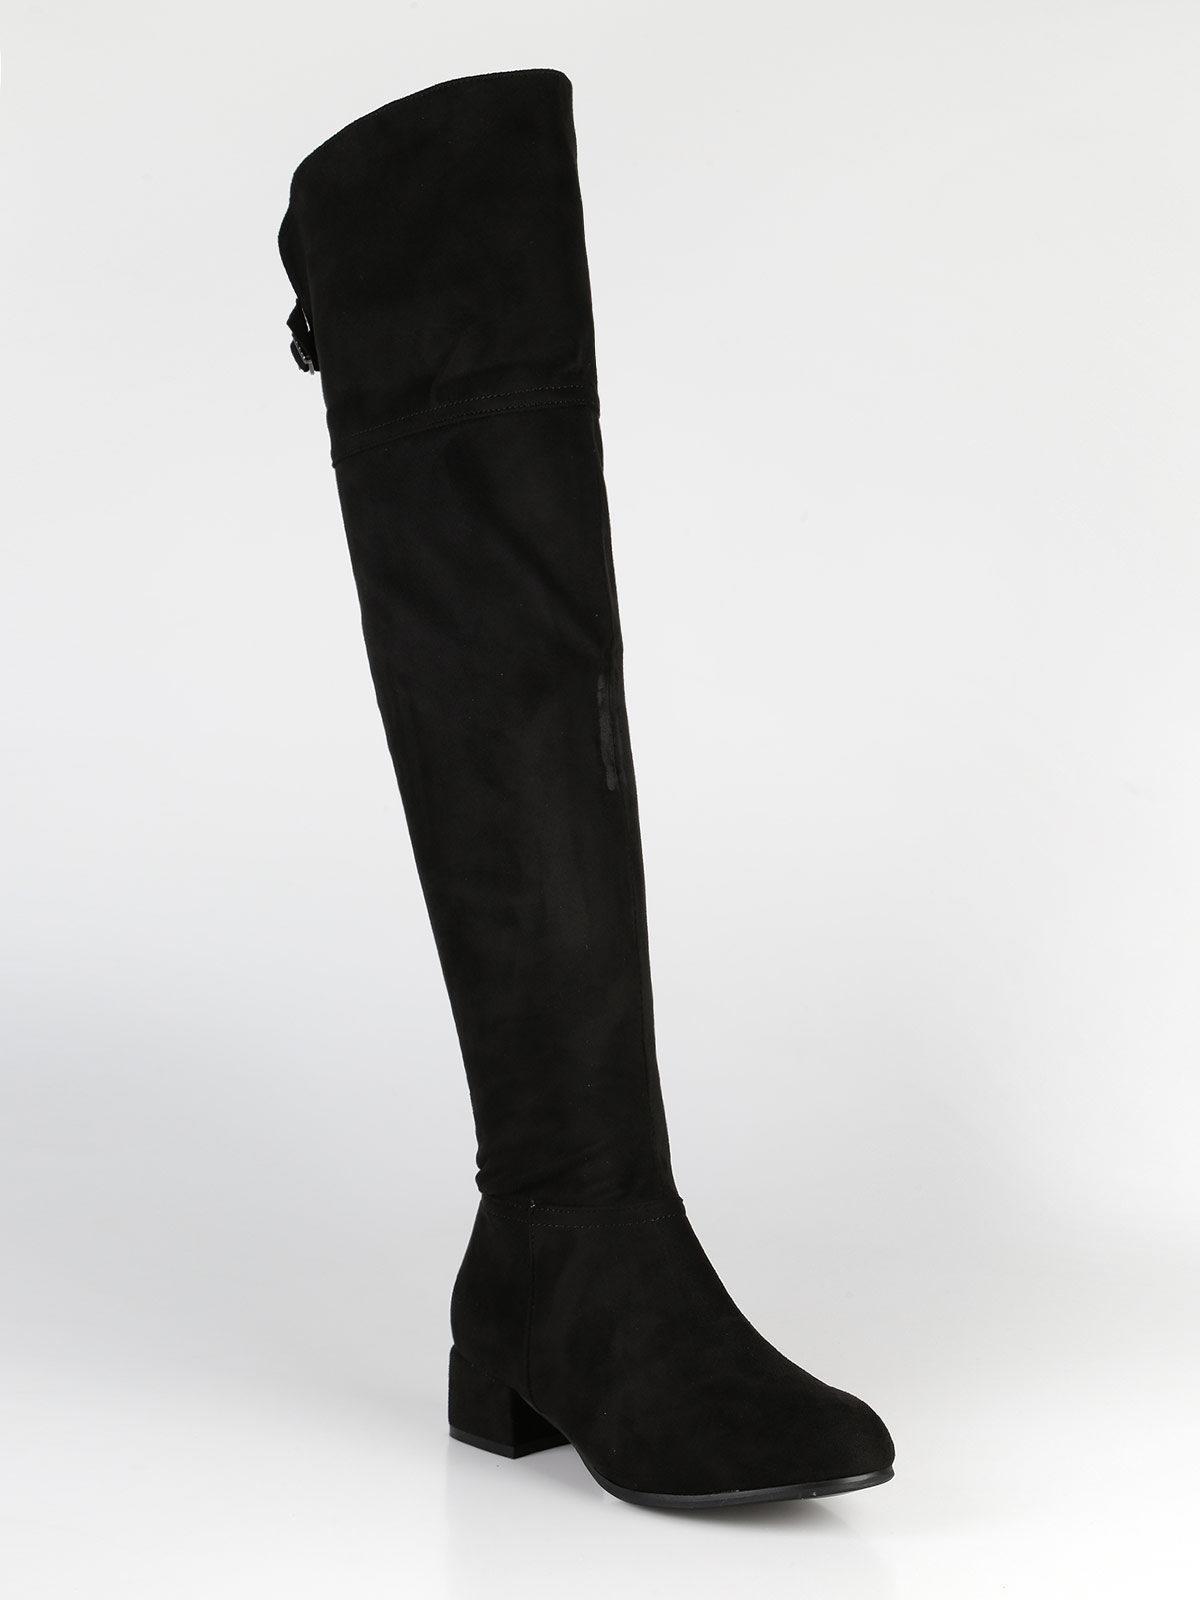 Stivali al ginocchio bassi diamantique | MecShopping